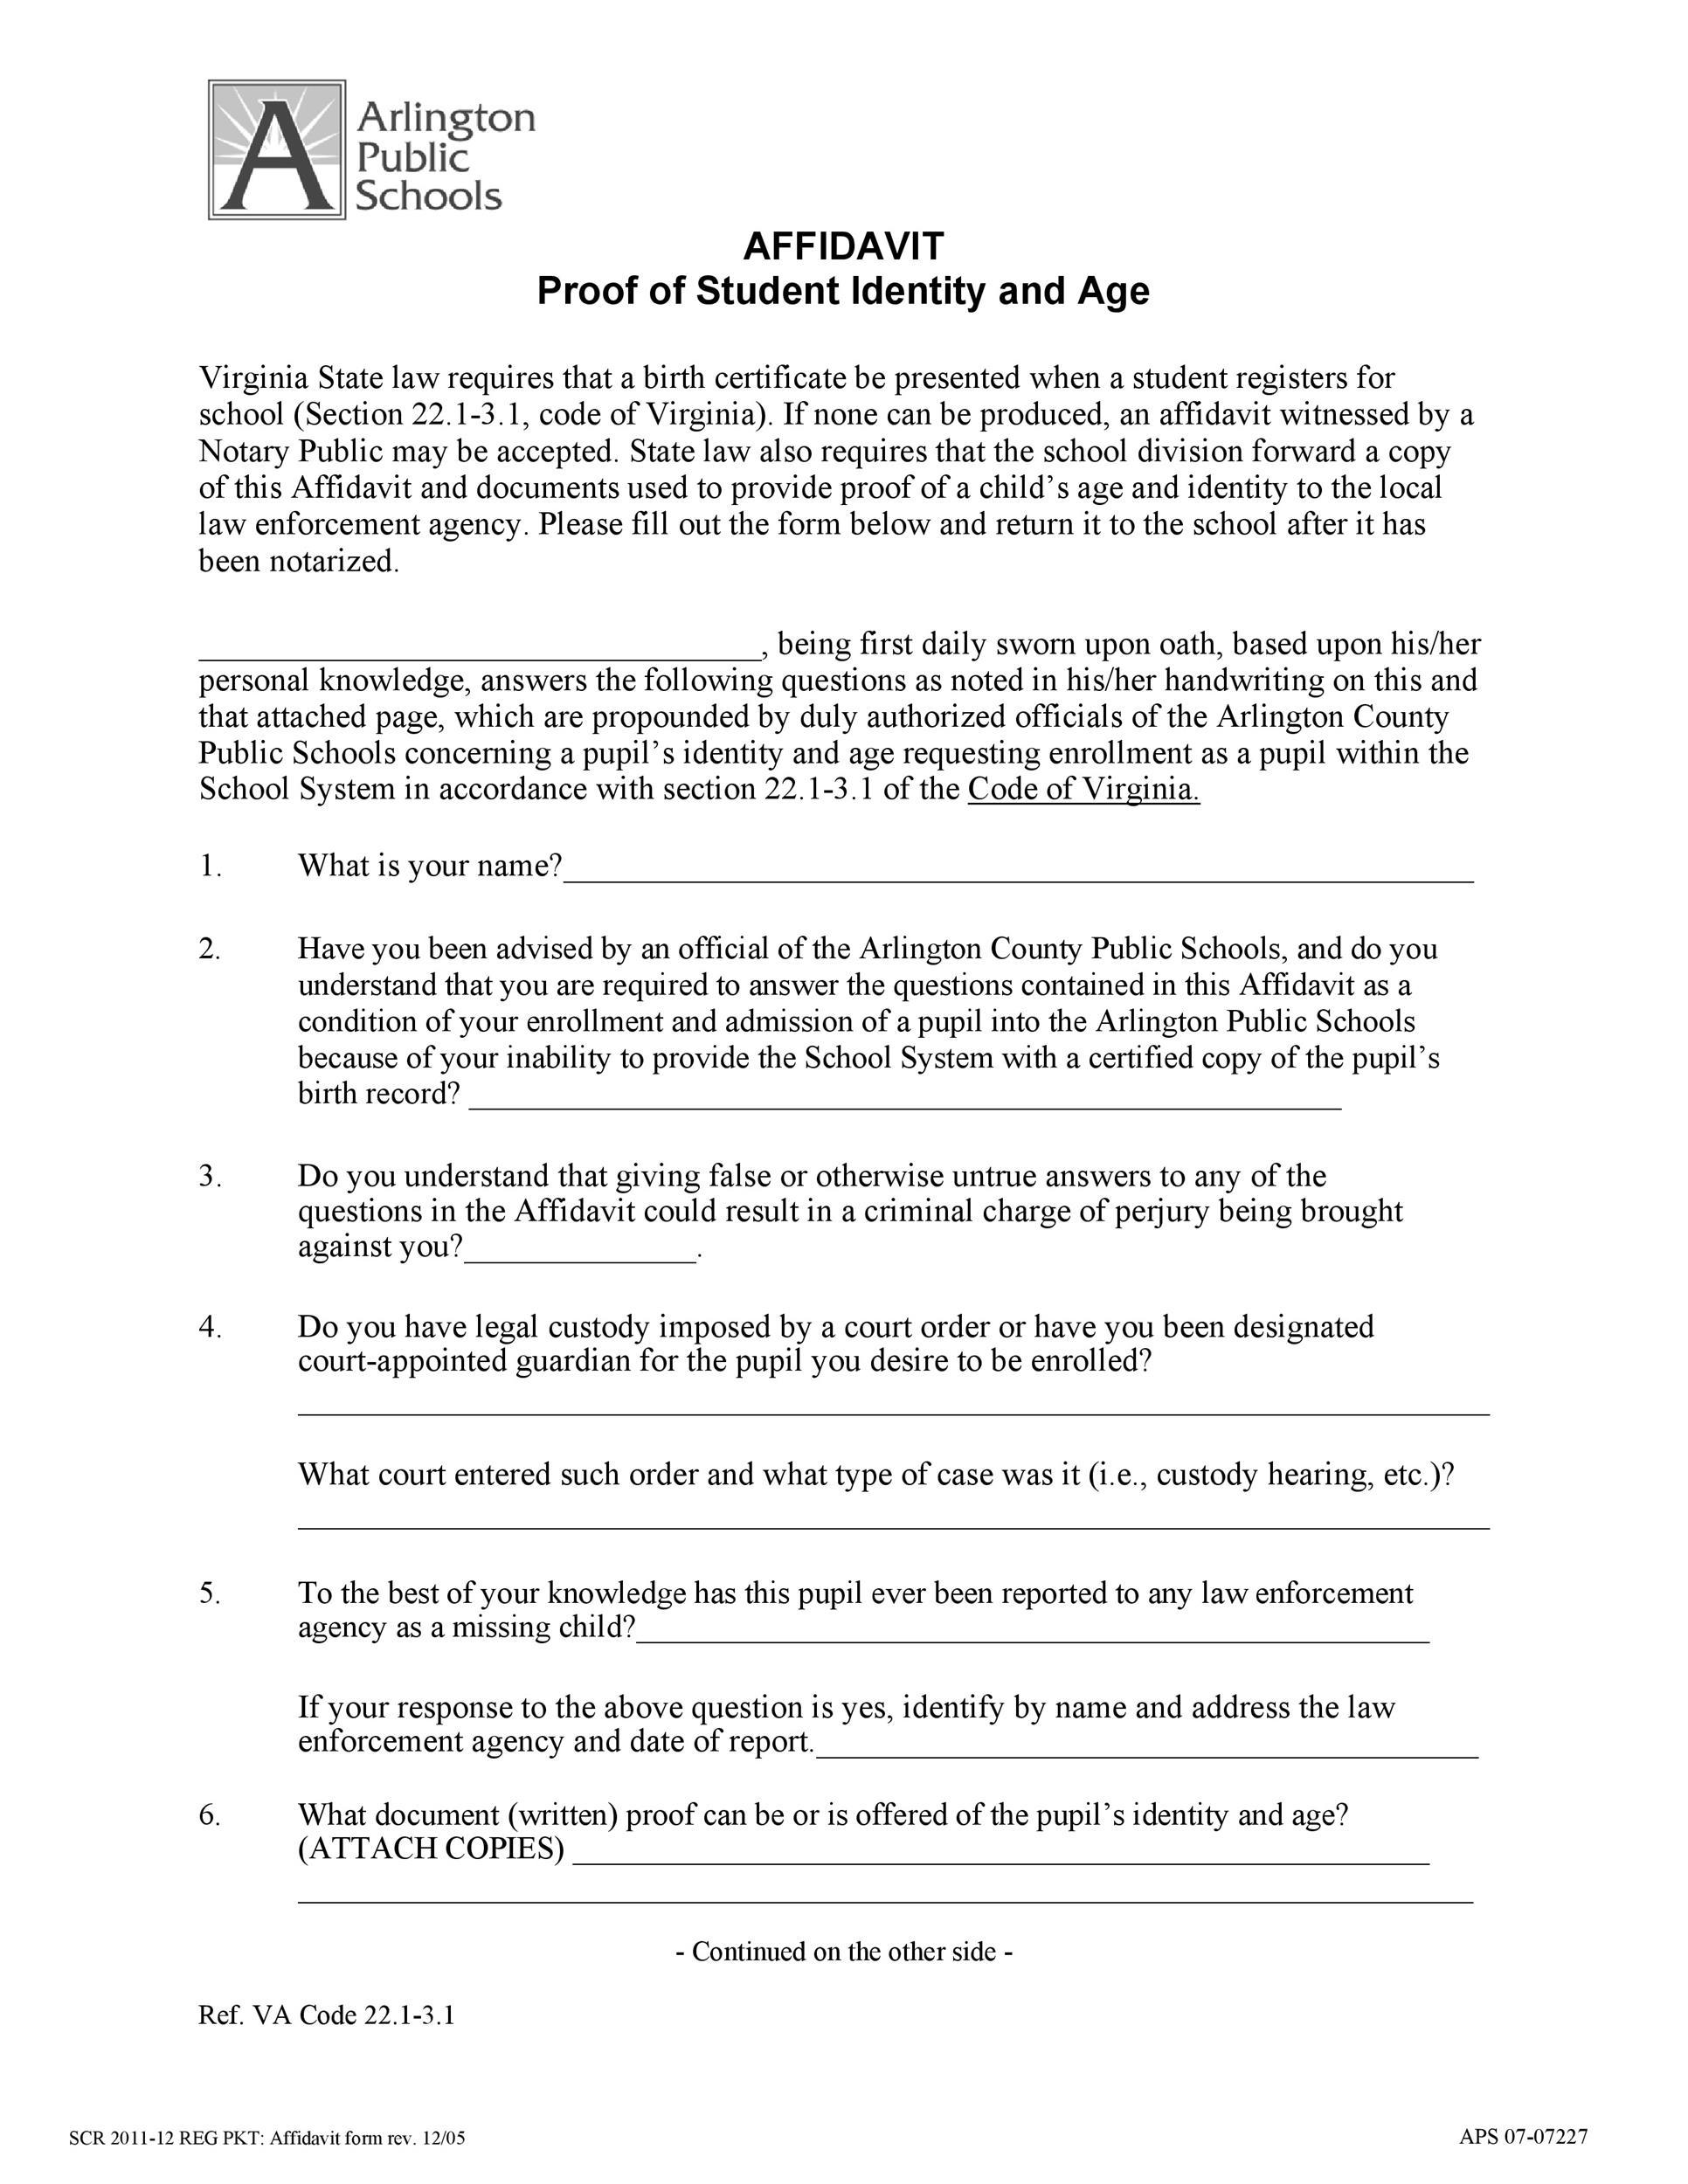 Free affidavit of identity 27